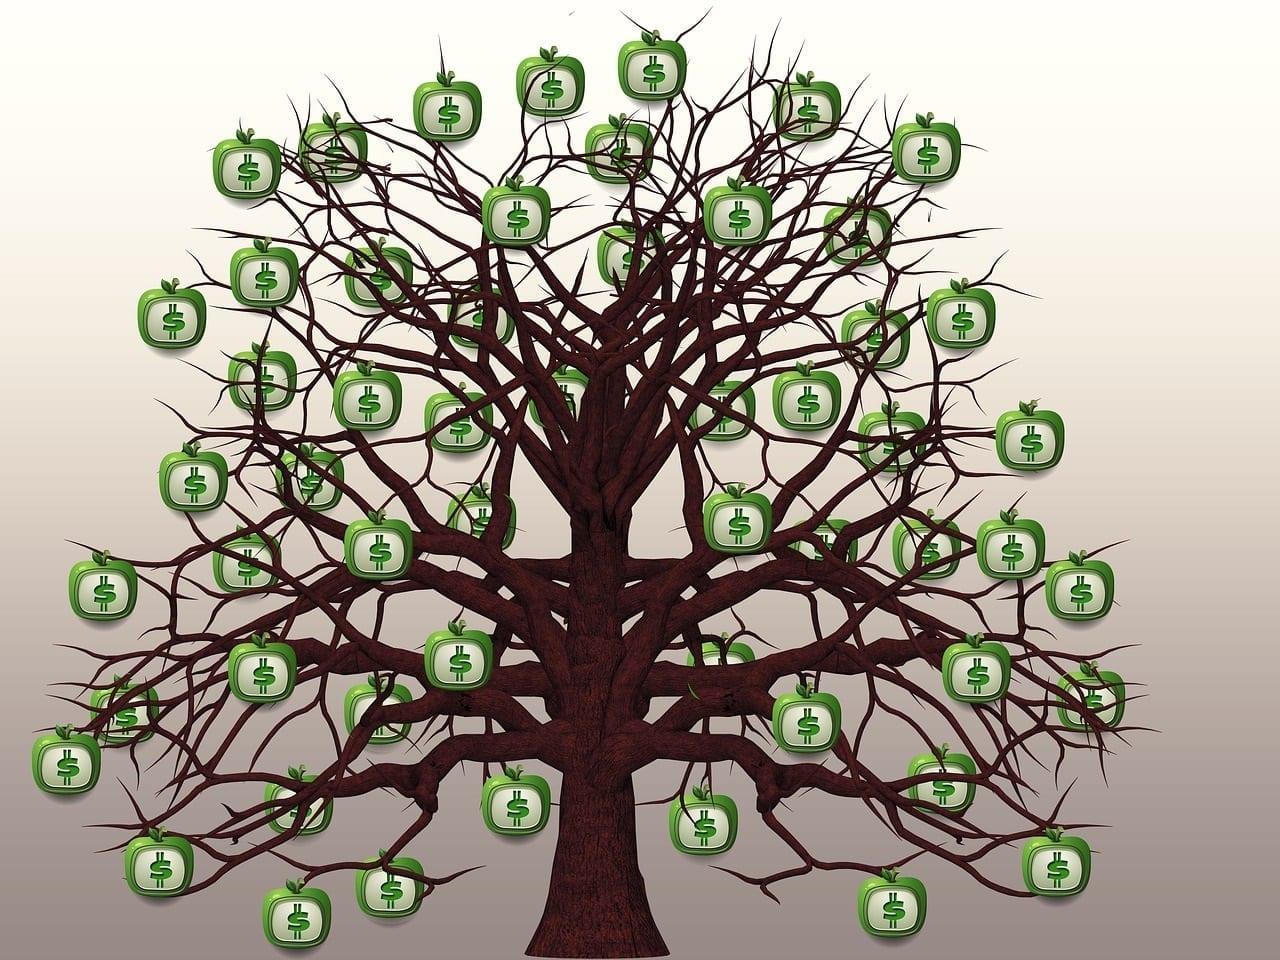 Títulos privados: conheça as opções no mercado